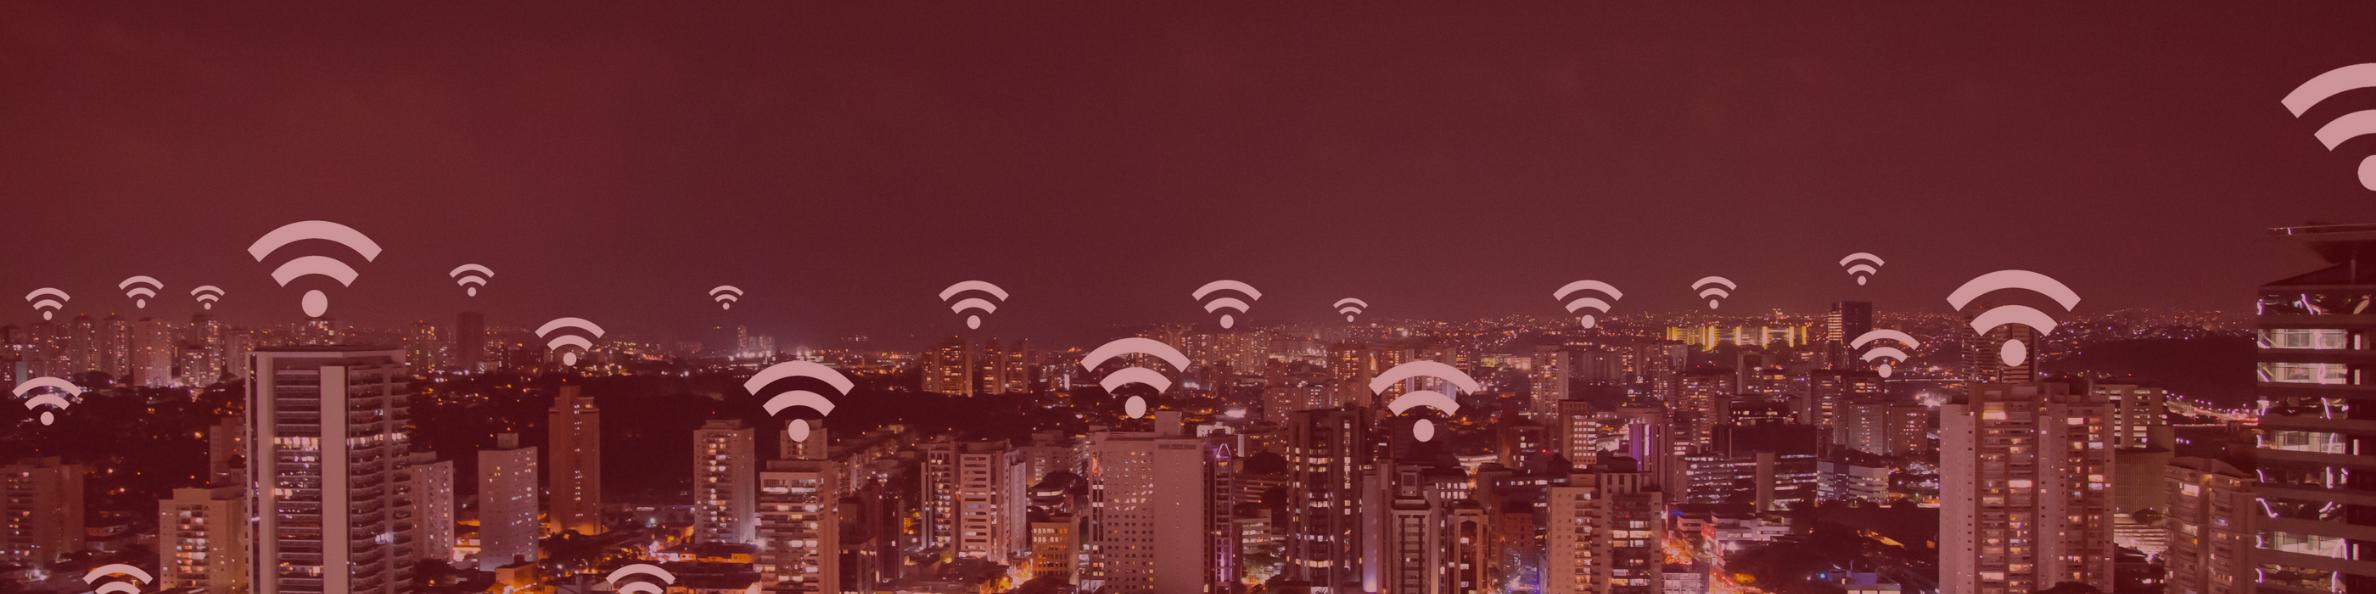 O que o Wi-Fi 6 e 5G têm em comum?